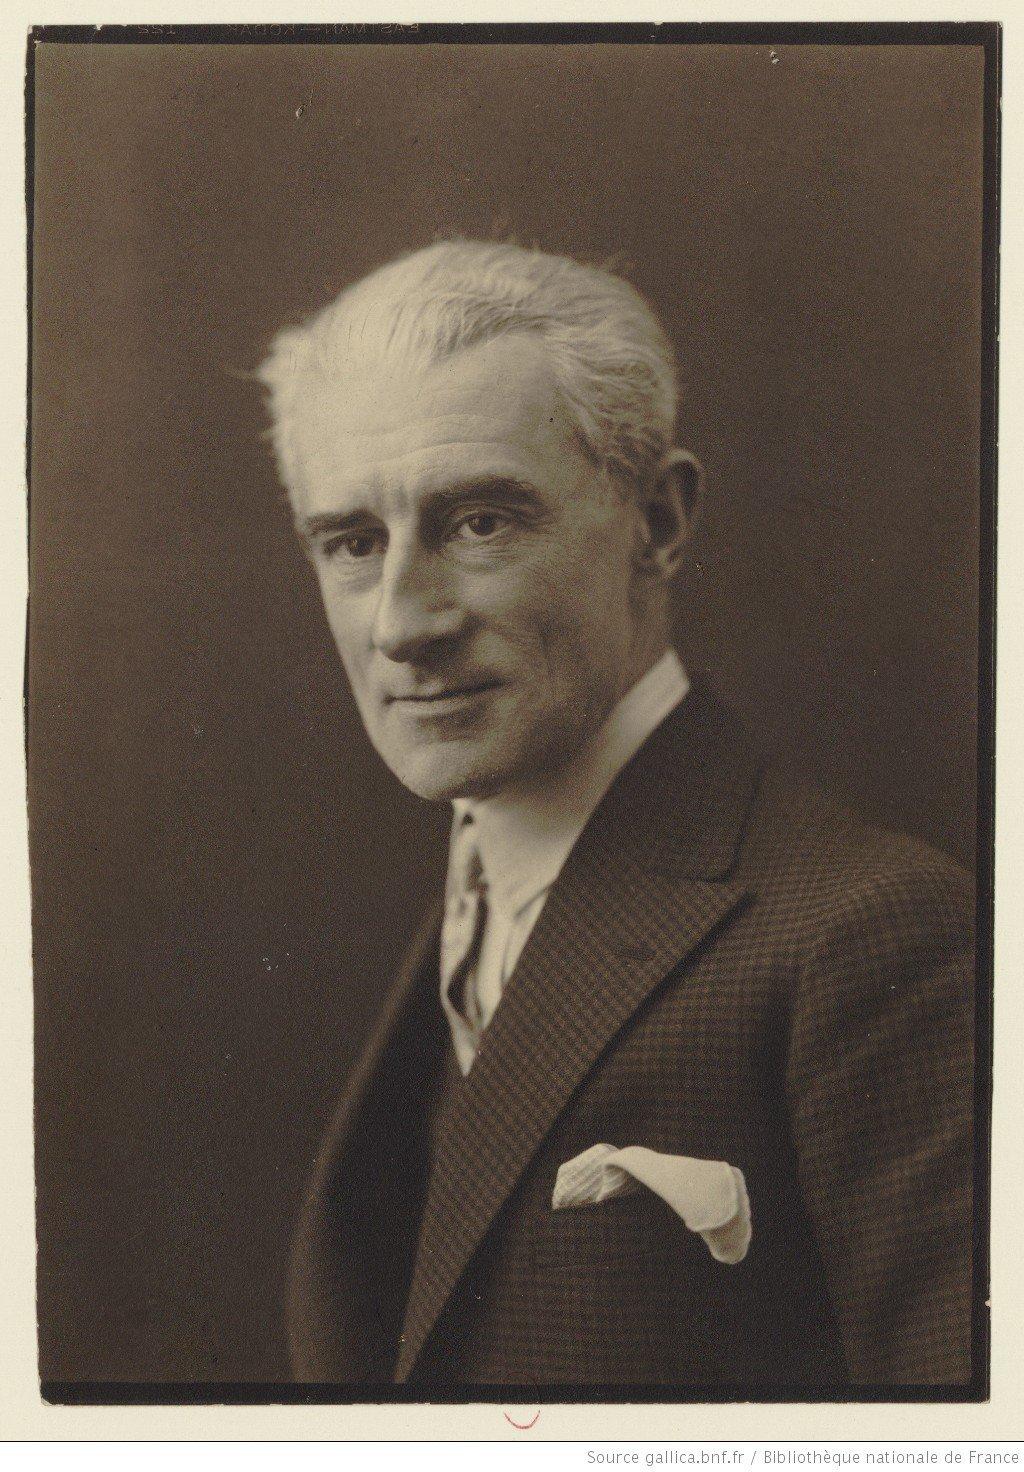 portrait photographique de Ravel